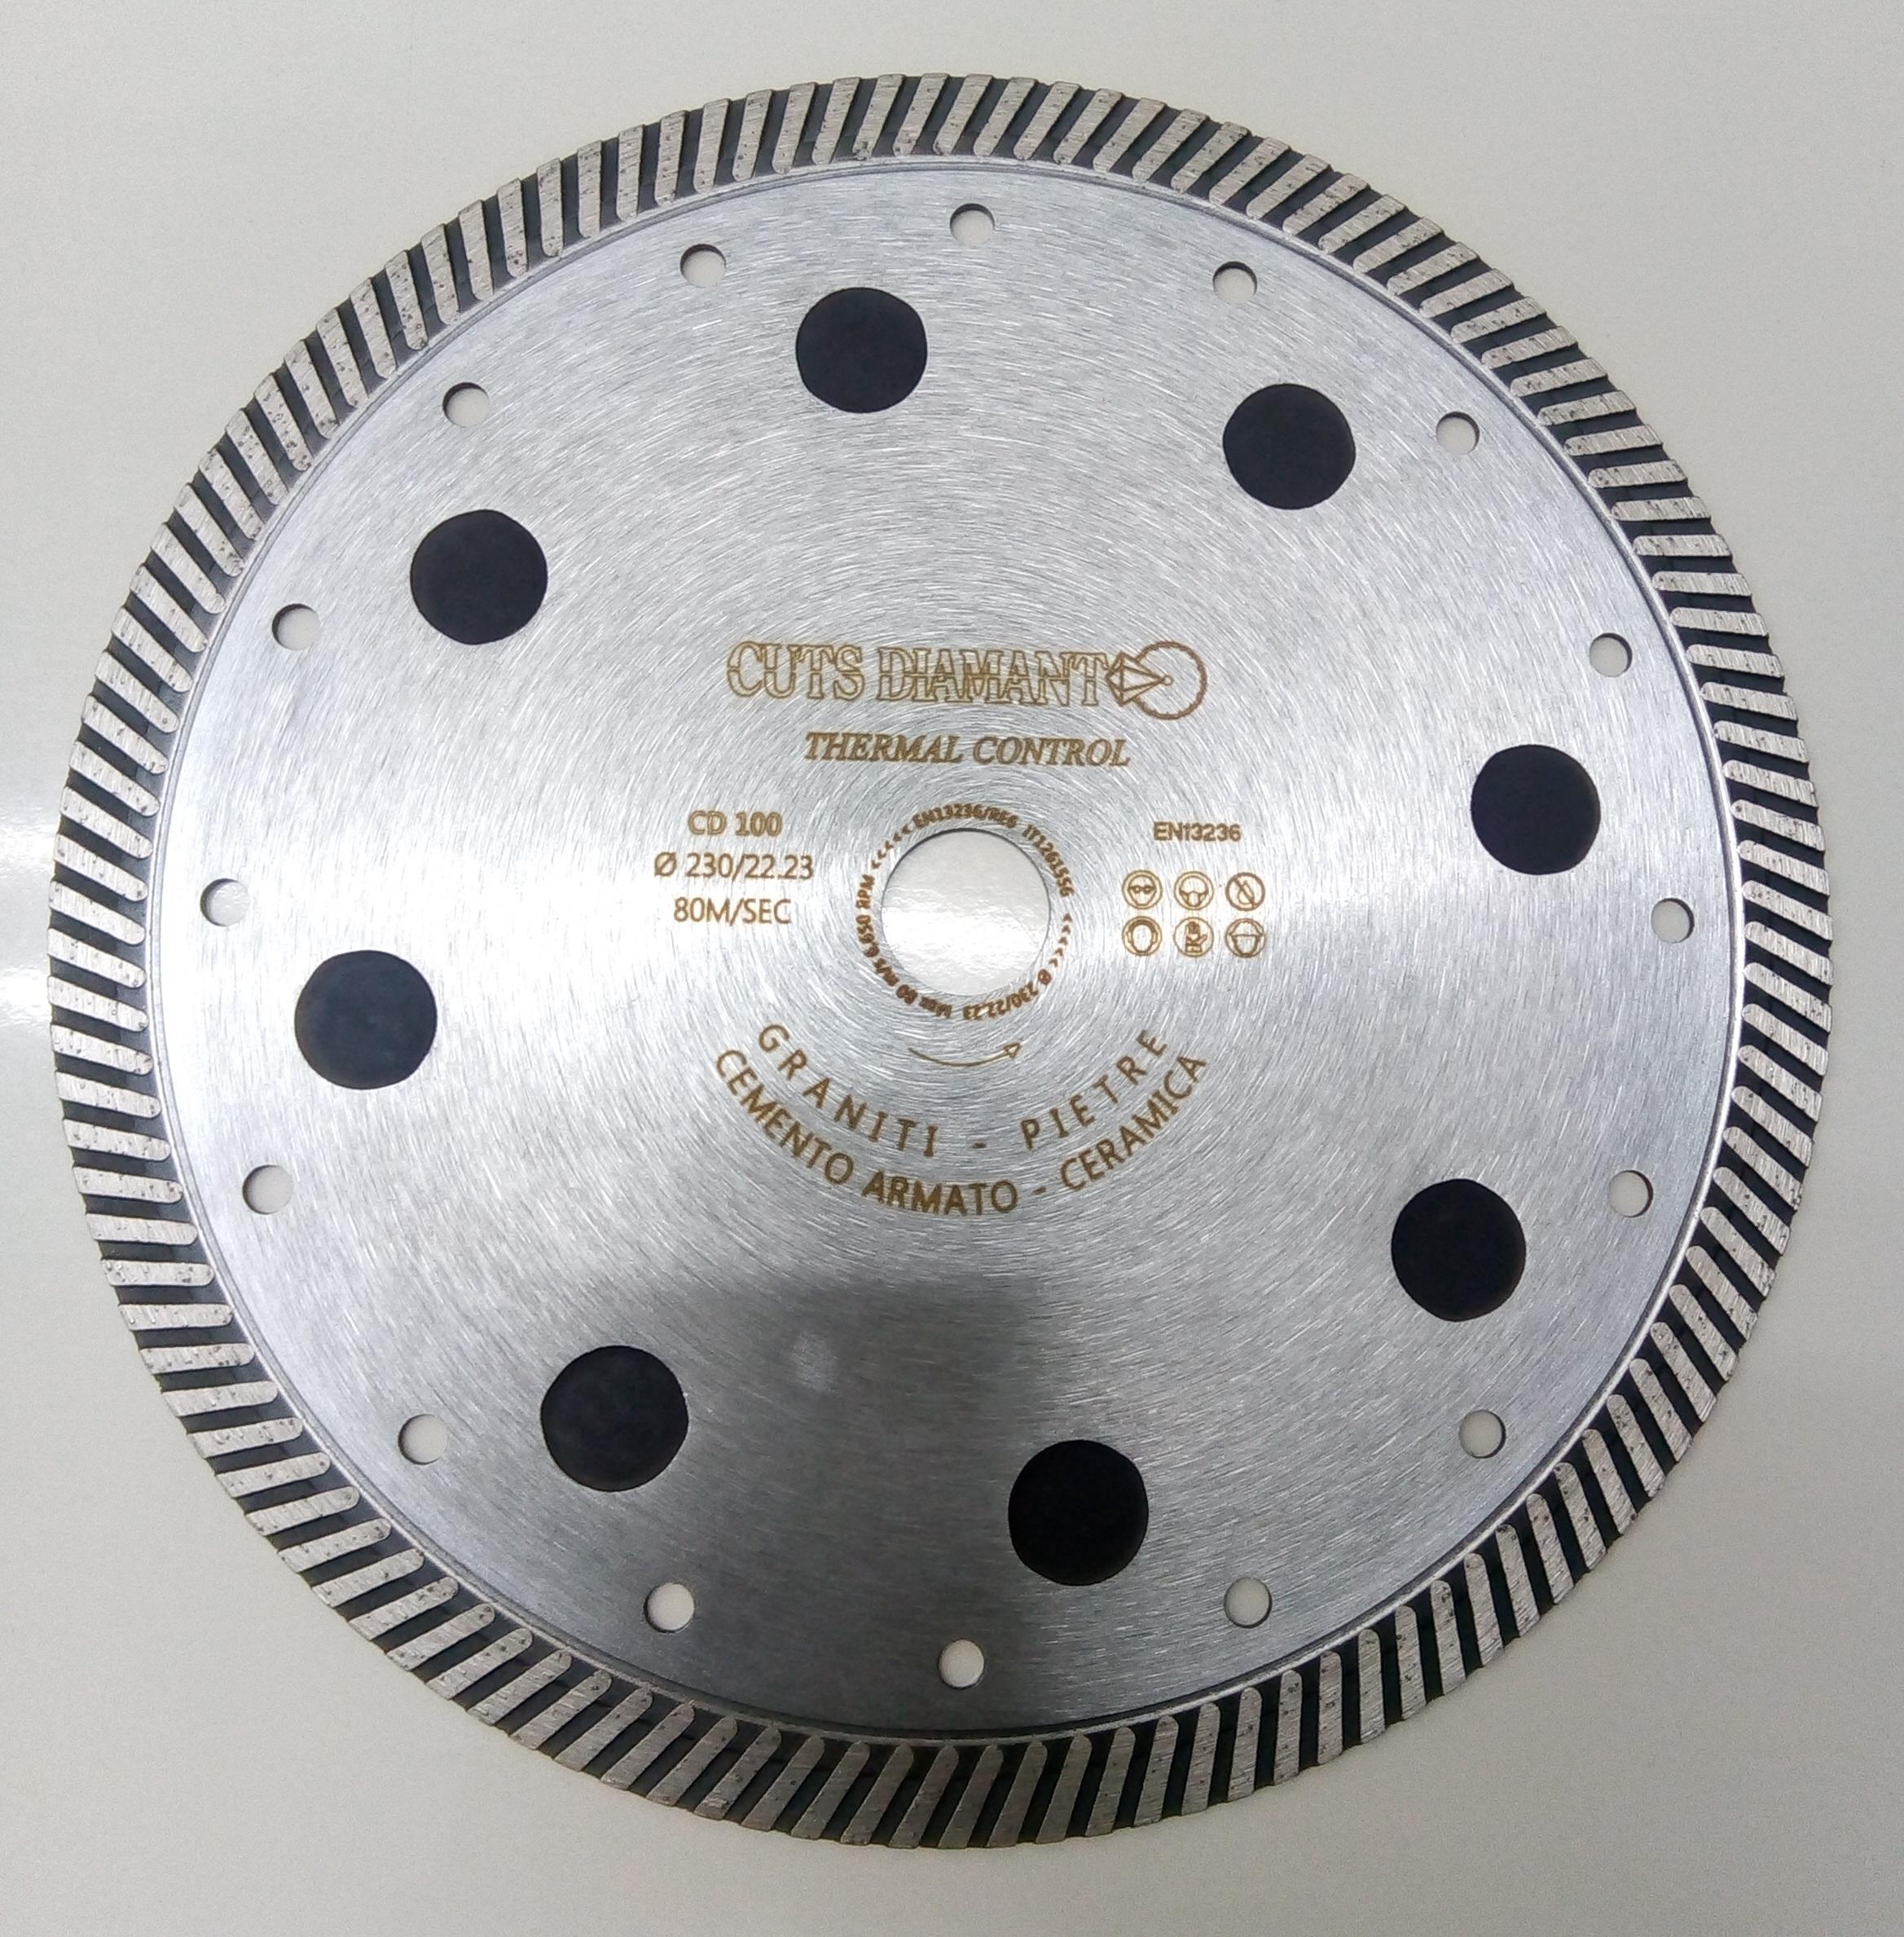 Lâmina de diamante com sensores térmicos